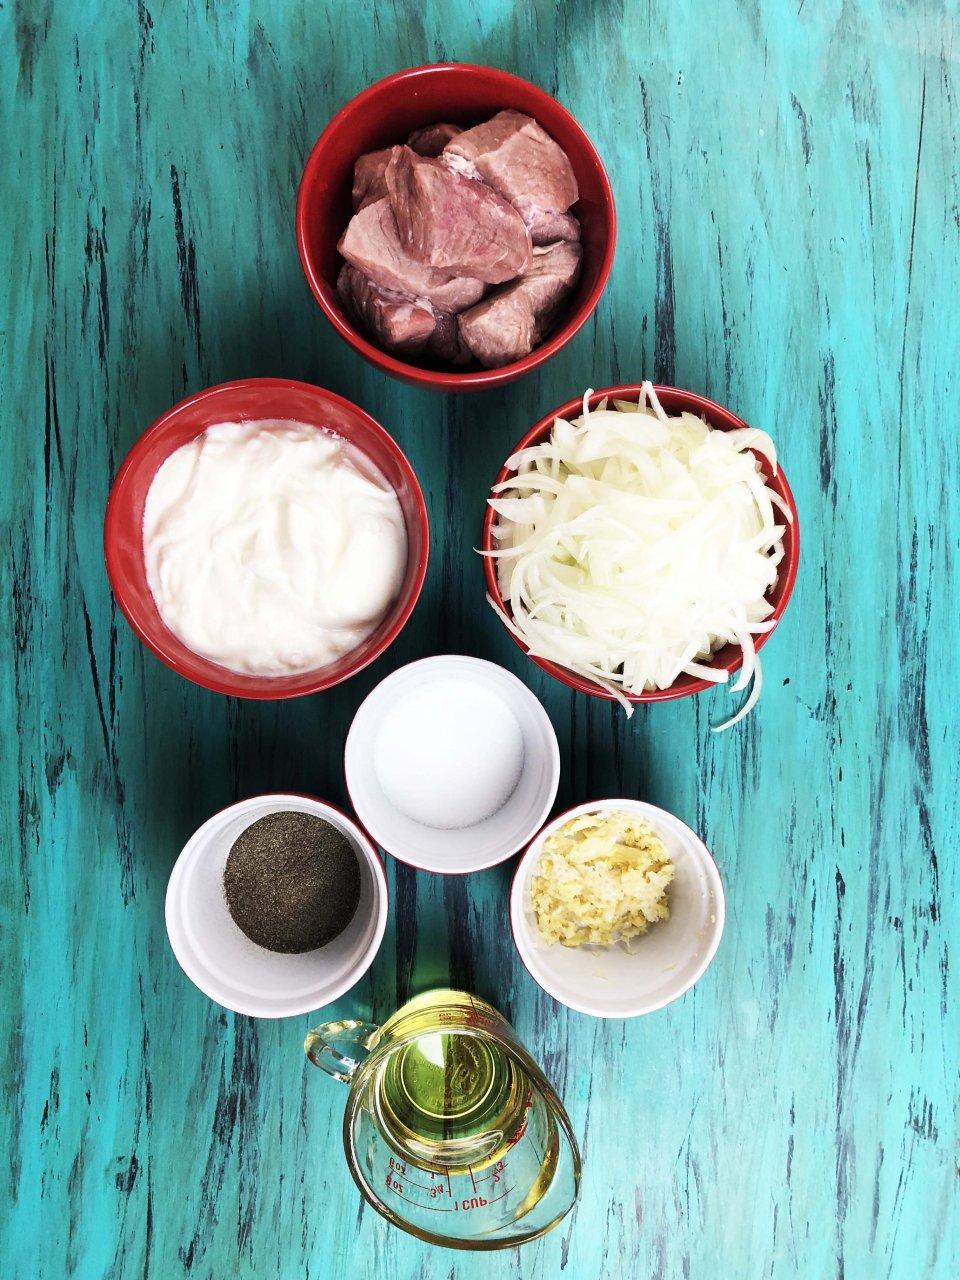 What you need to make kabab digi afghani